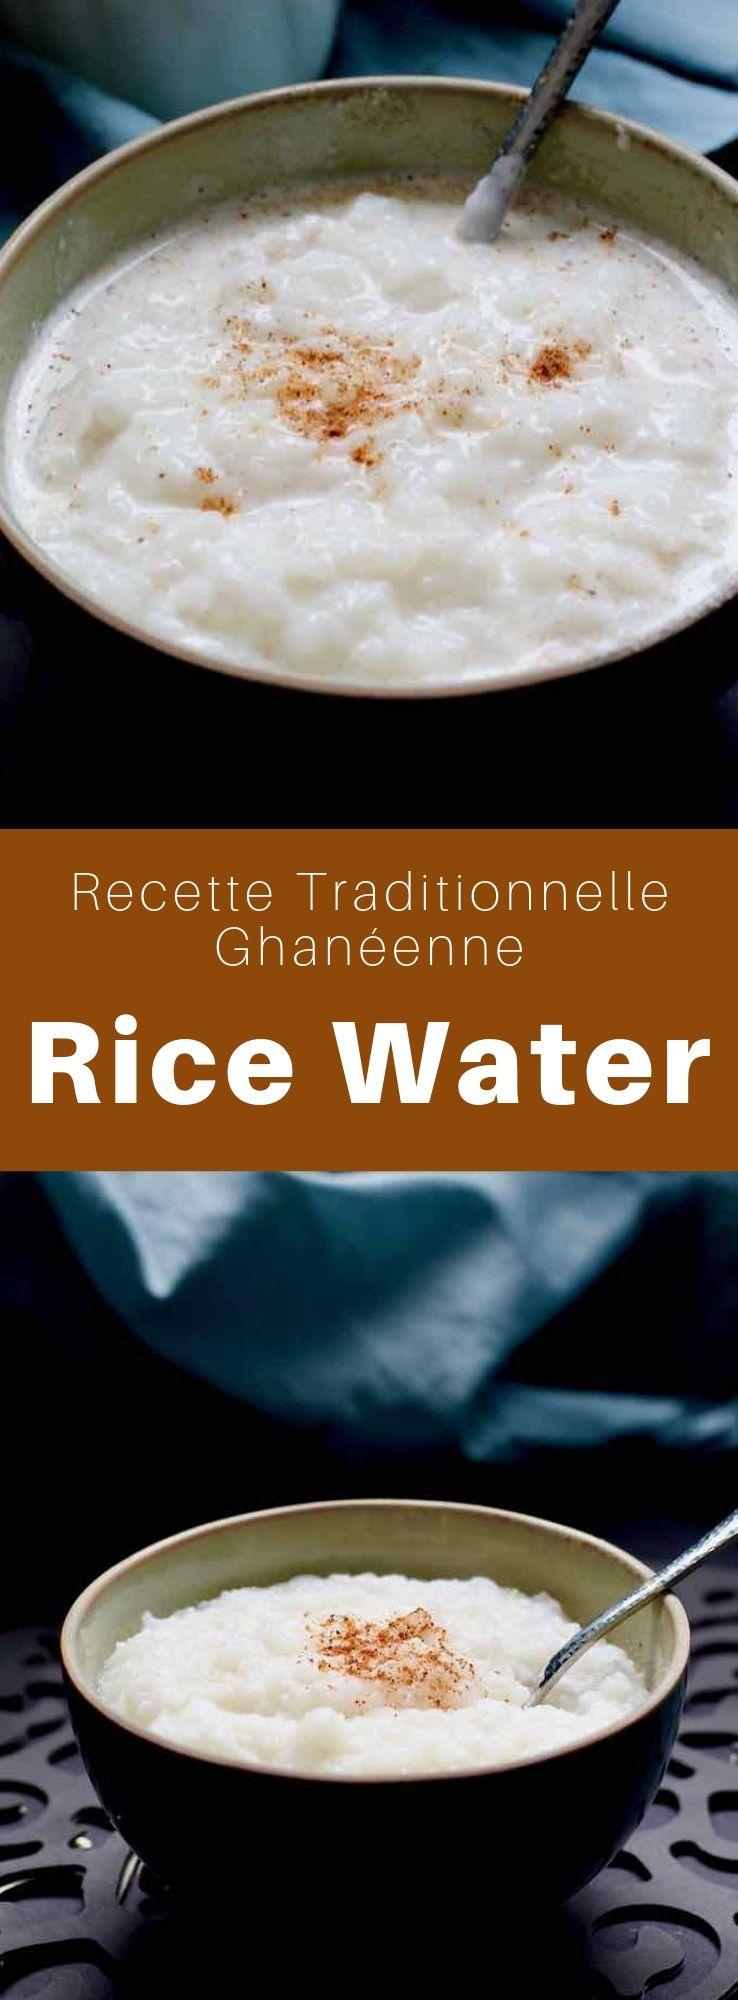 Le rice water est un dessert traditionnel ghanéen qui consiste en une bouillie de riz agrémentée de noix de muscade, mais aussi d'autres garnitures au choix. #Ghana #Afrique #AfriqueDeLouest #RecetteAfricaine #CuisineAfricaine #CuisineDuMonde #196flavors